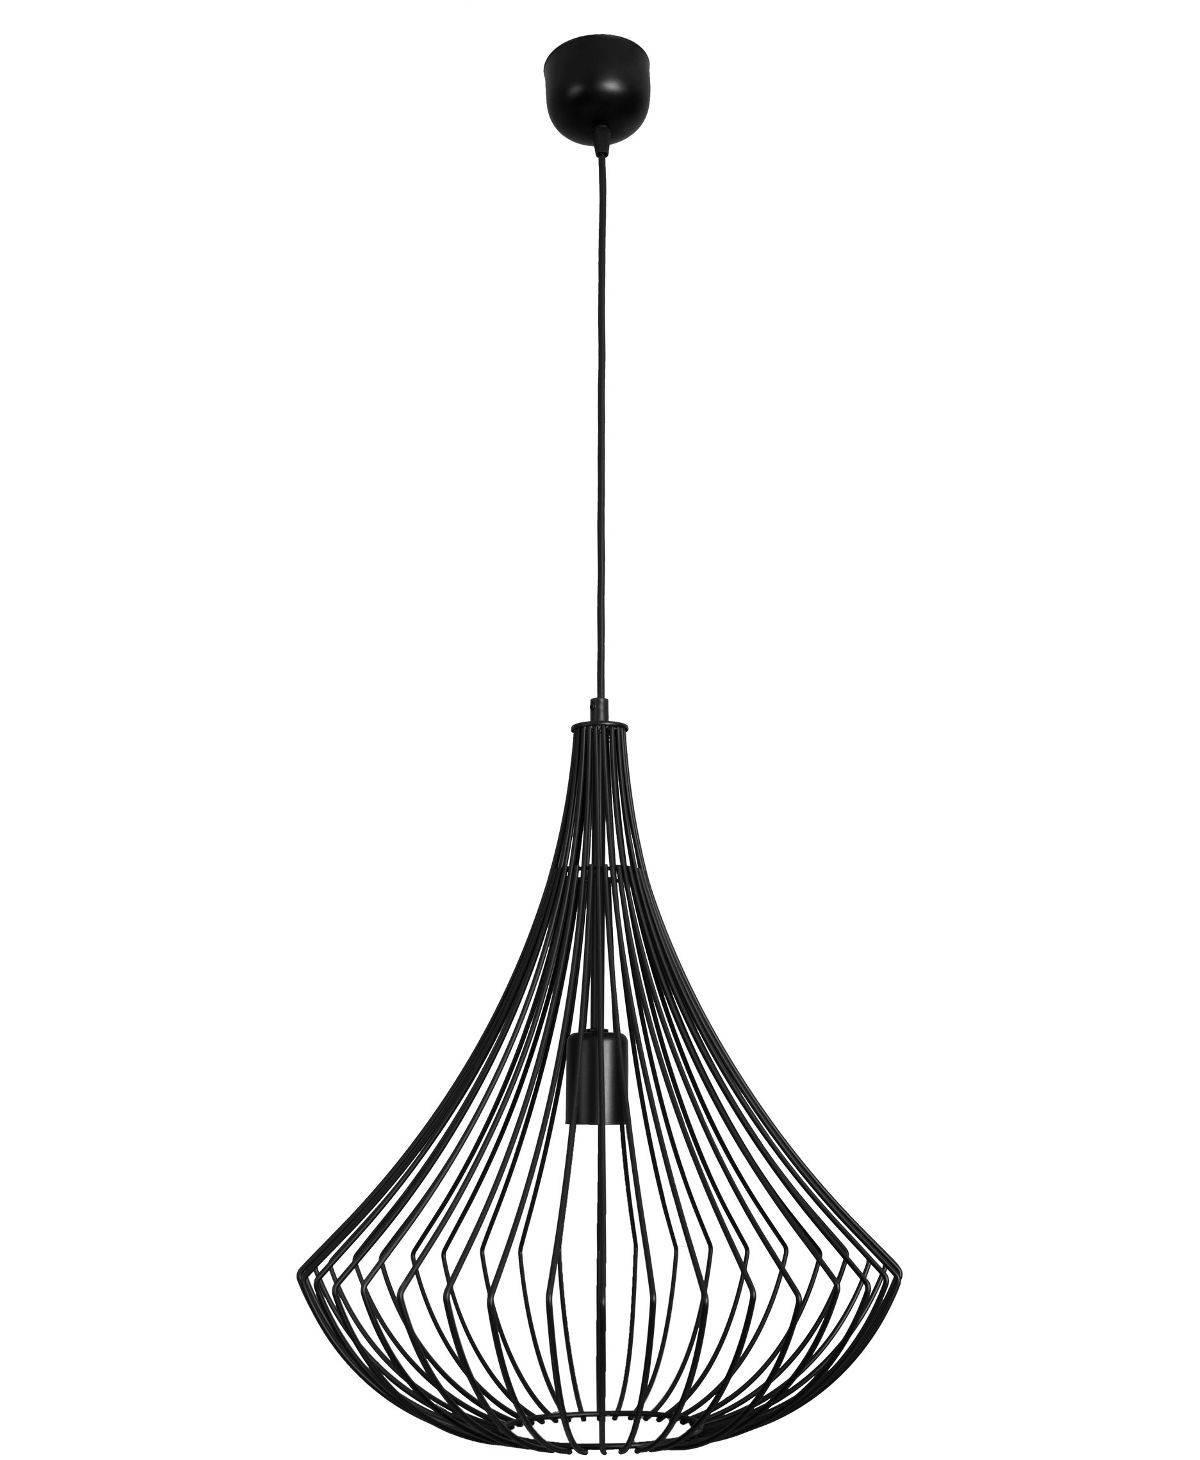 Nowoczesna Lampa Wisząca W Stylu Skandynawskim